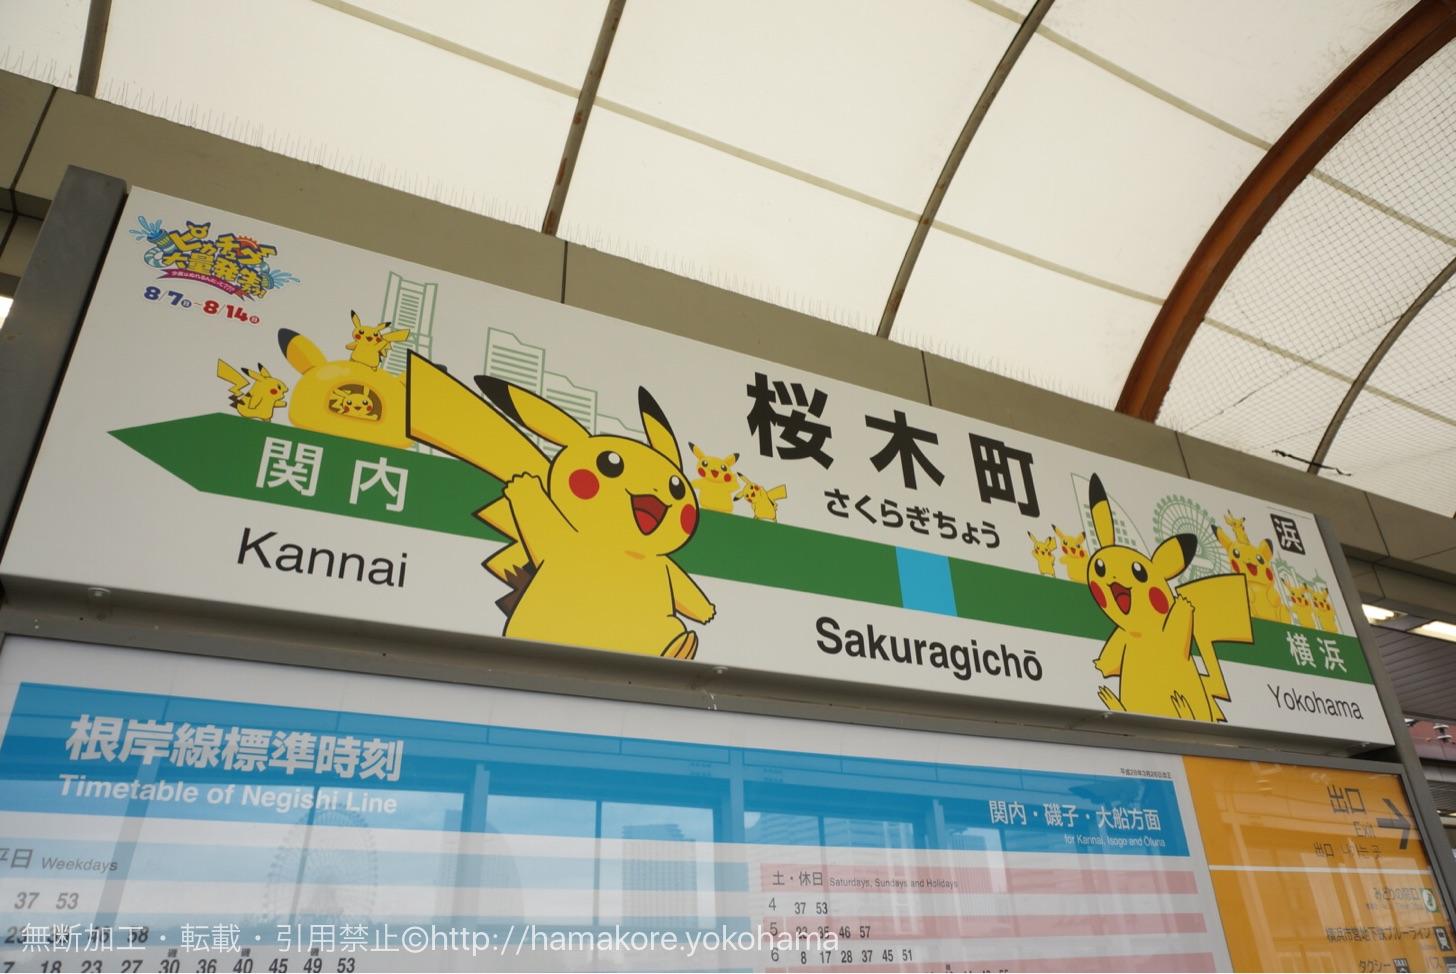 JR桜木町駅 ピカチュウ仕様の行き先看板